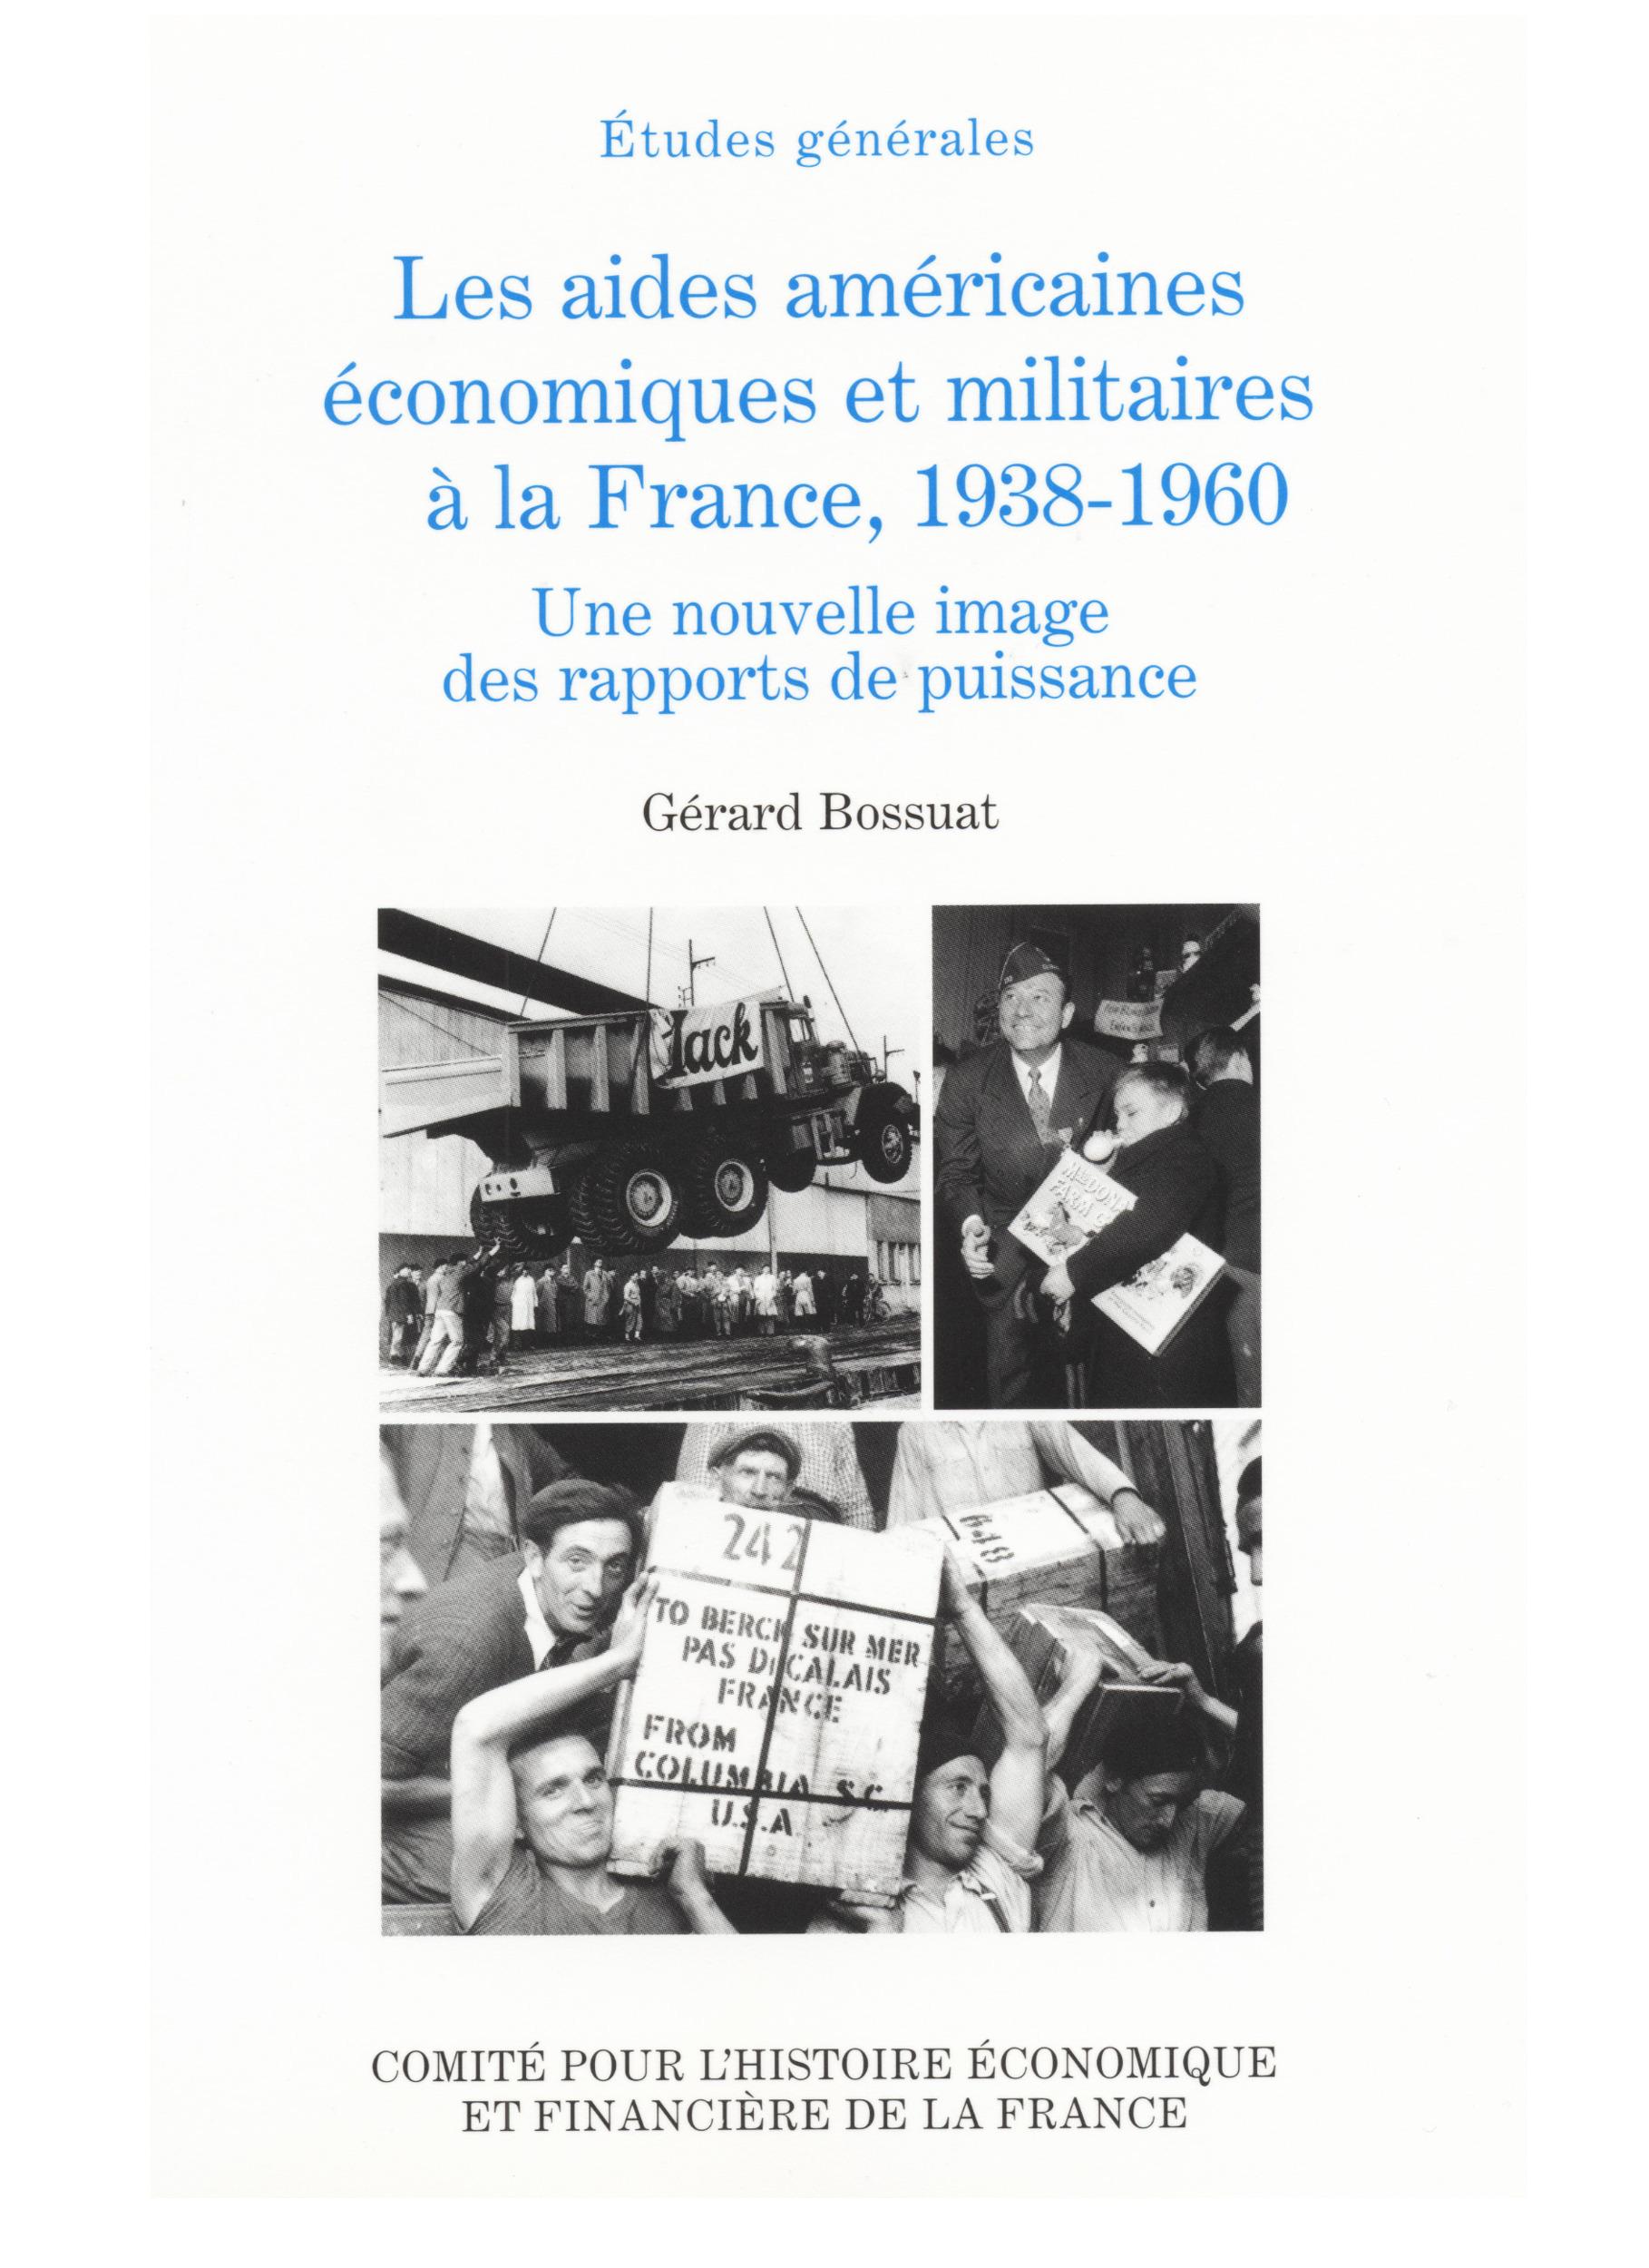 les aides américaines économiques et militaires à la France, 1938-1960 ; une nouvelle image des rapports de puissance